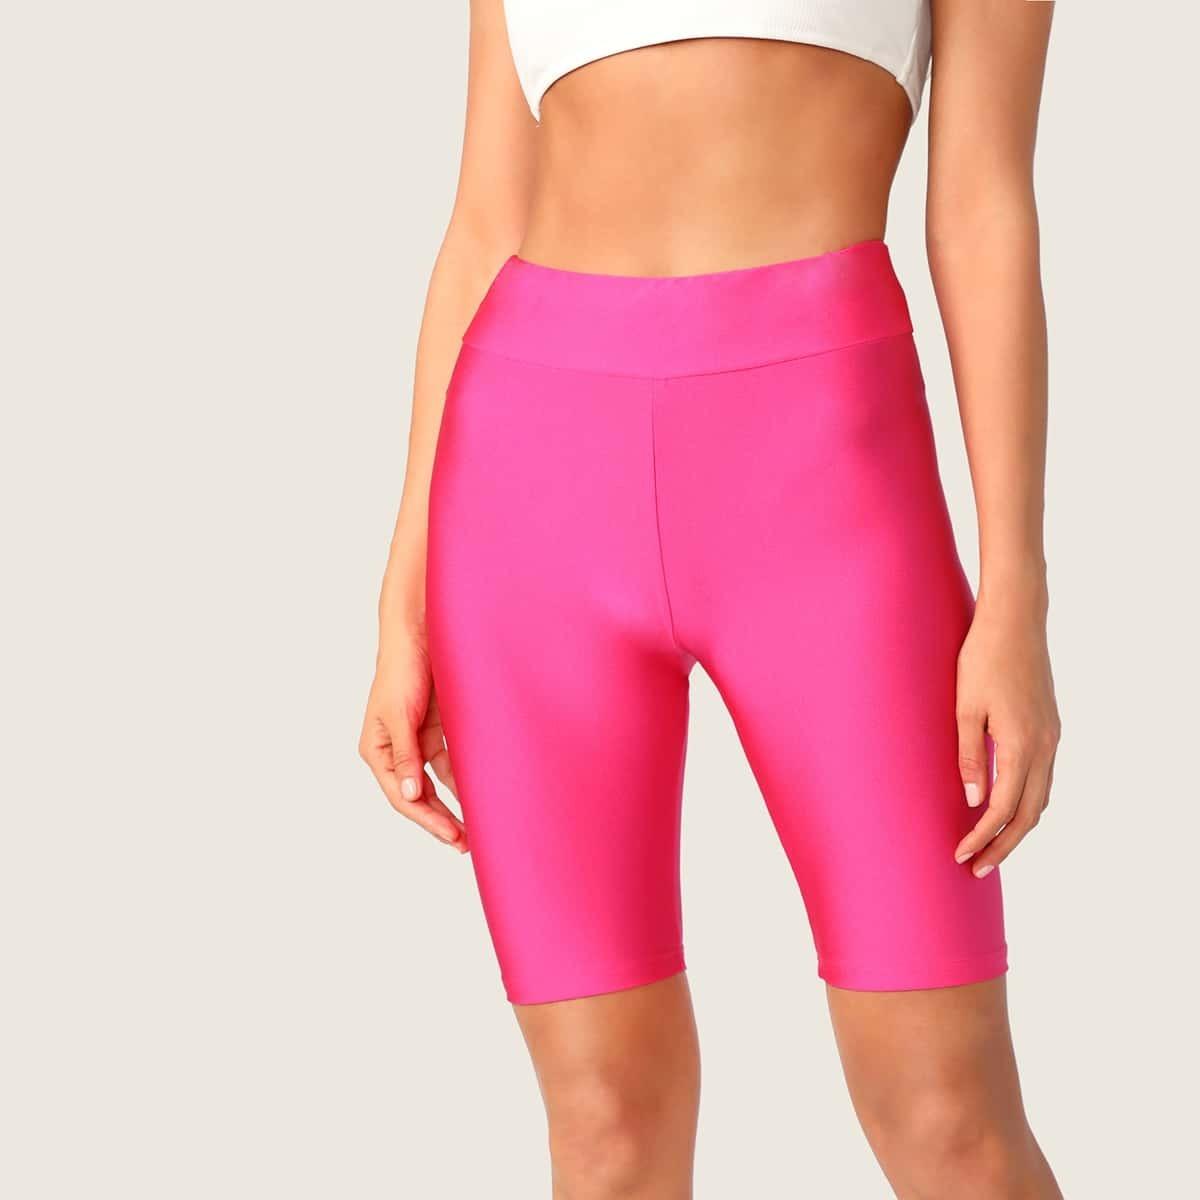 Неоновые розовые велосипедные шорты на резинке